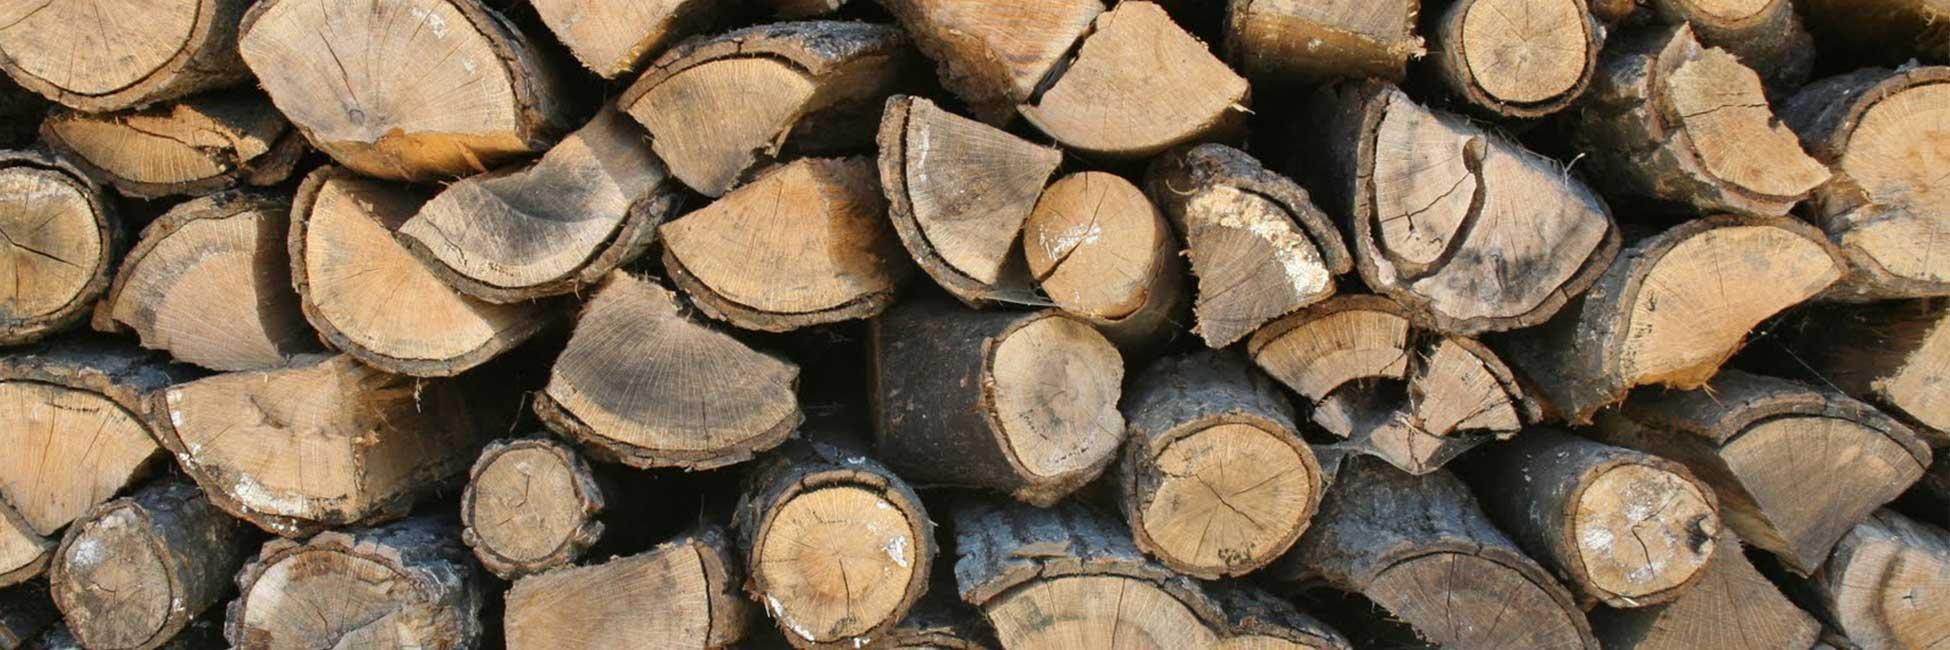 Comprar maquinaria para madera